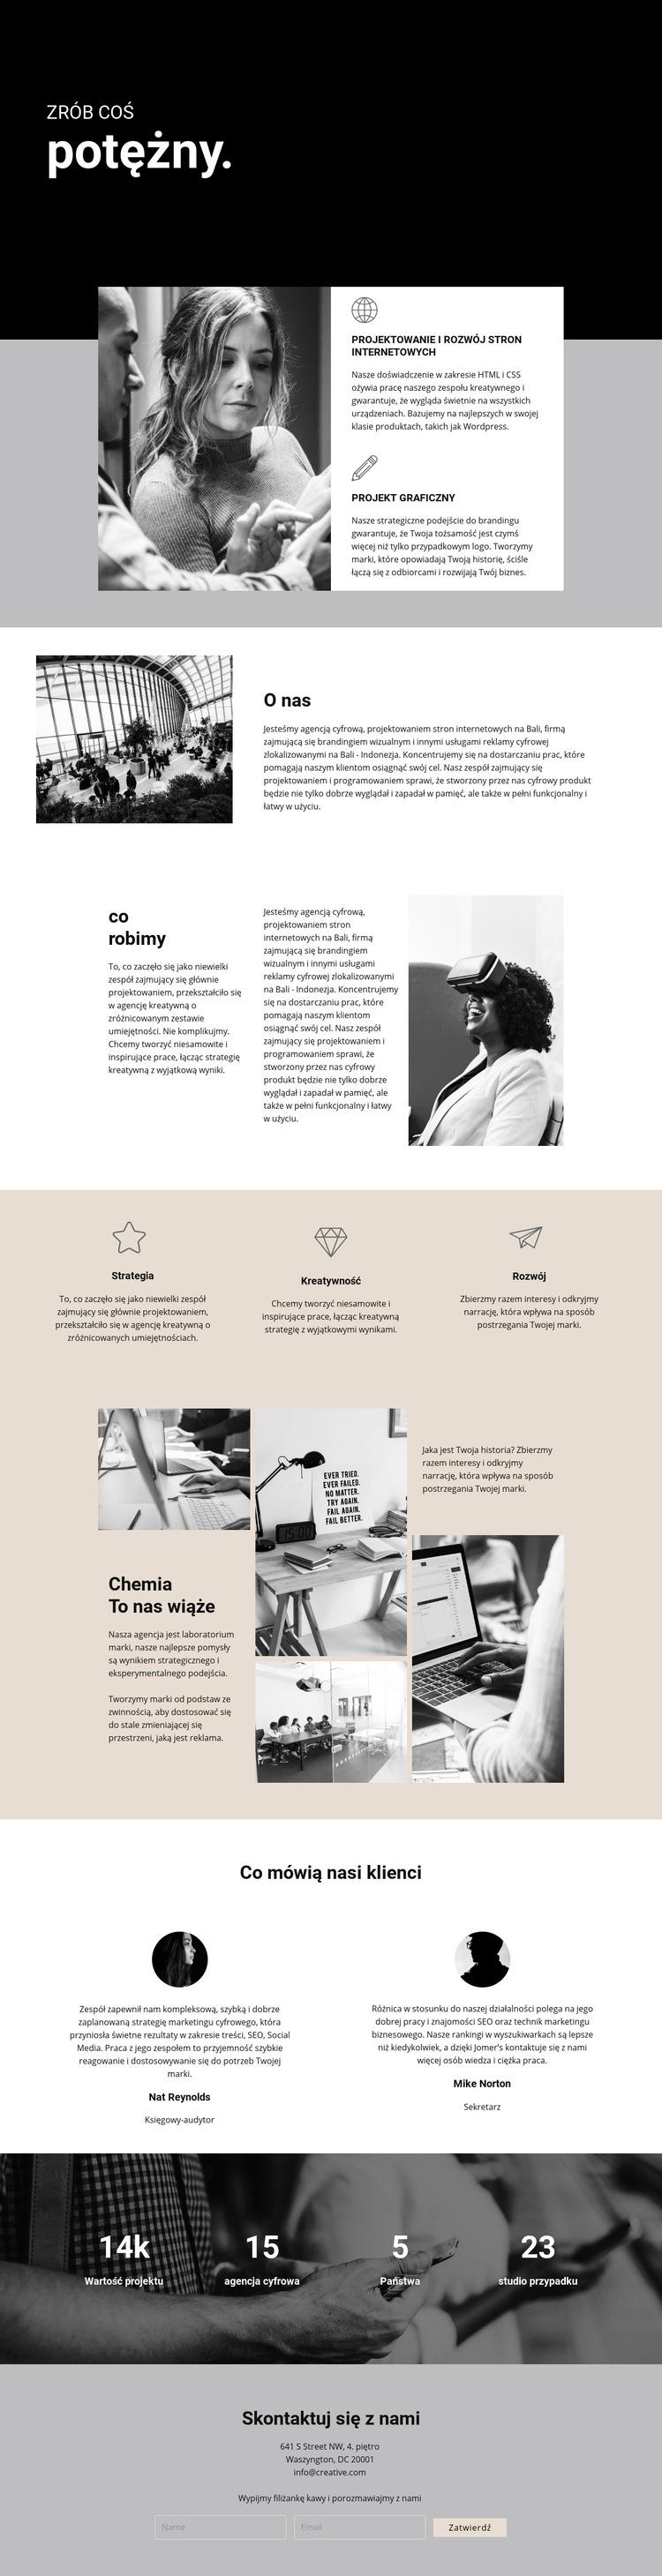 Potęga biznesu cyfrowego Szablon witryny sieci Web